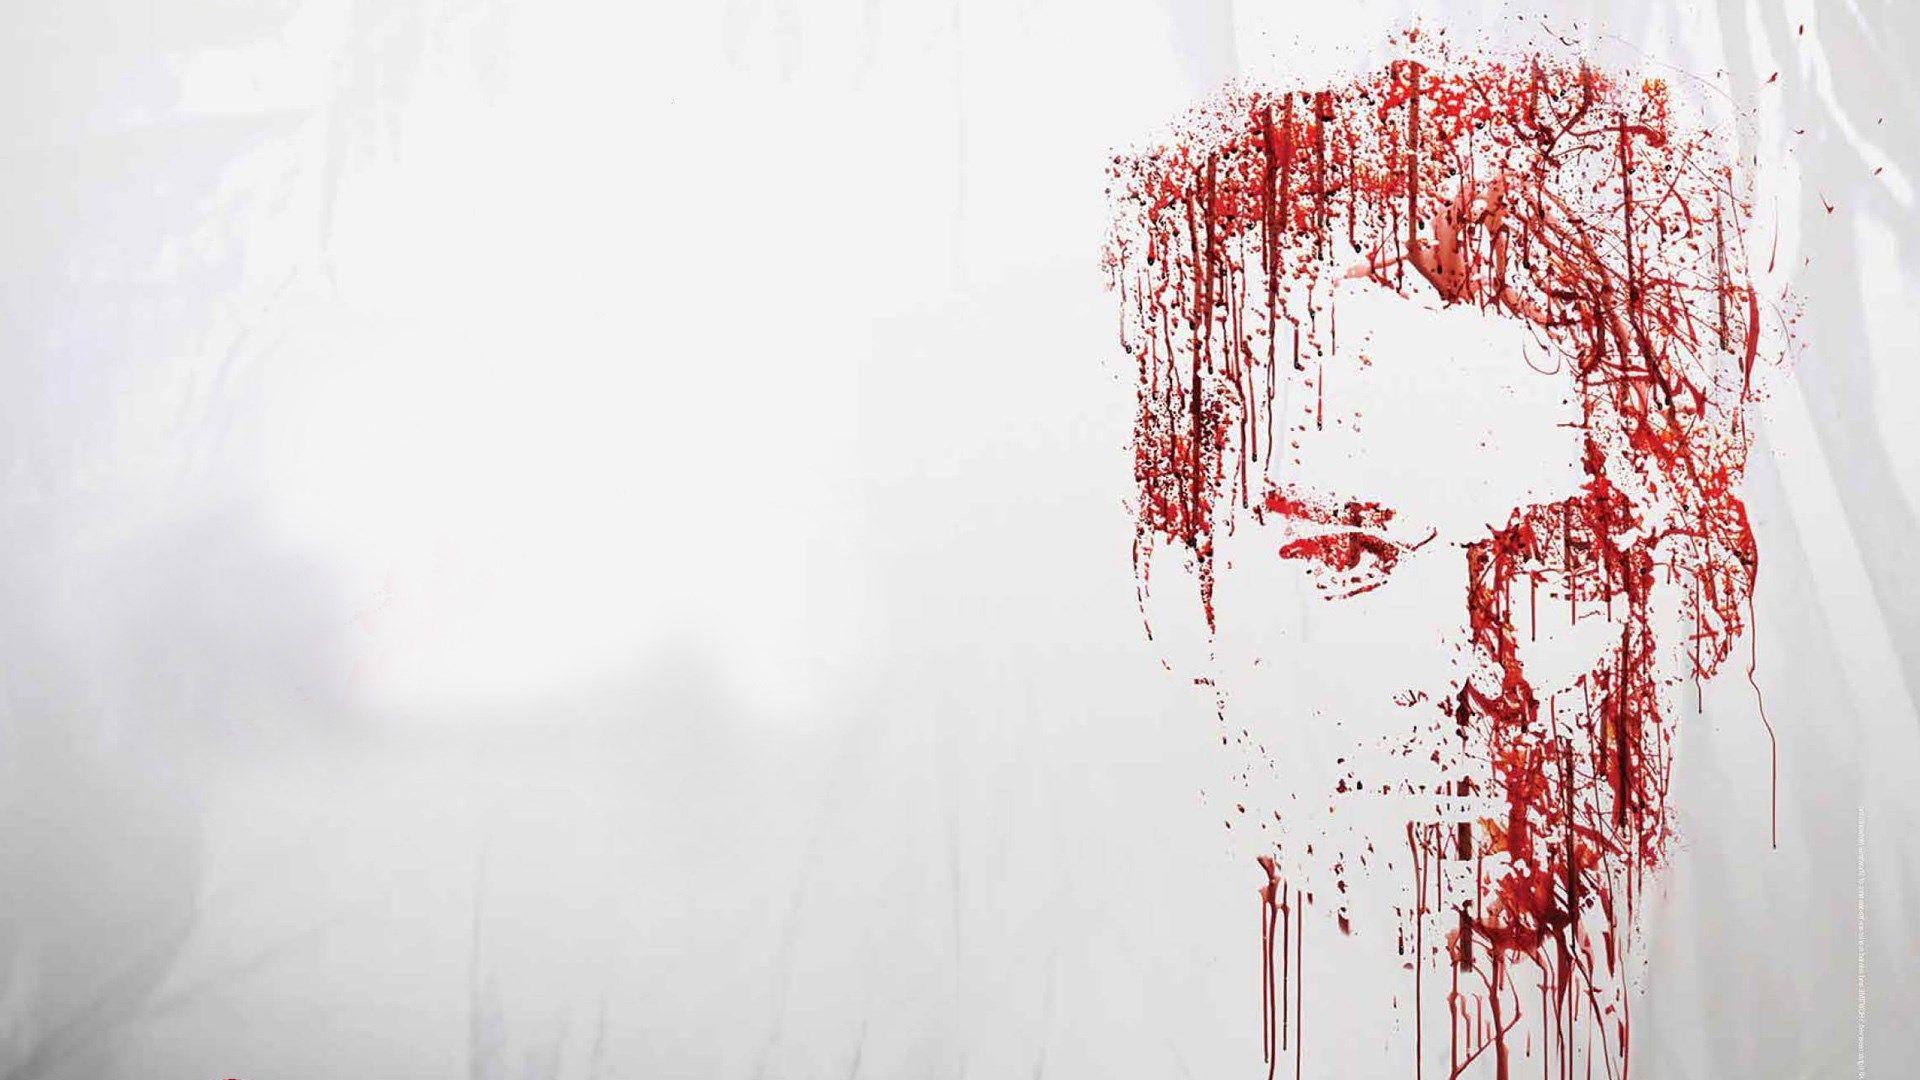 High Resolution Wallpapers Widescreen Dexter Dexter Wallpaper Dexter Dexter Morgan